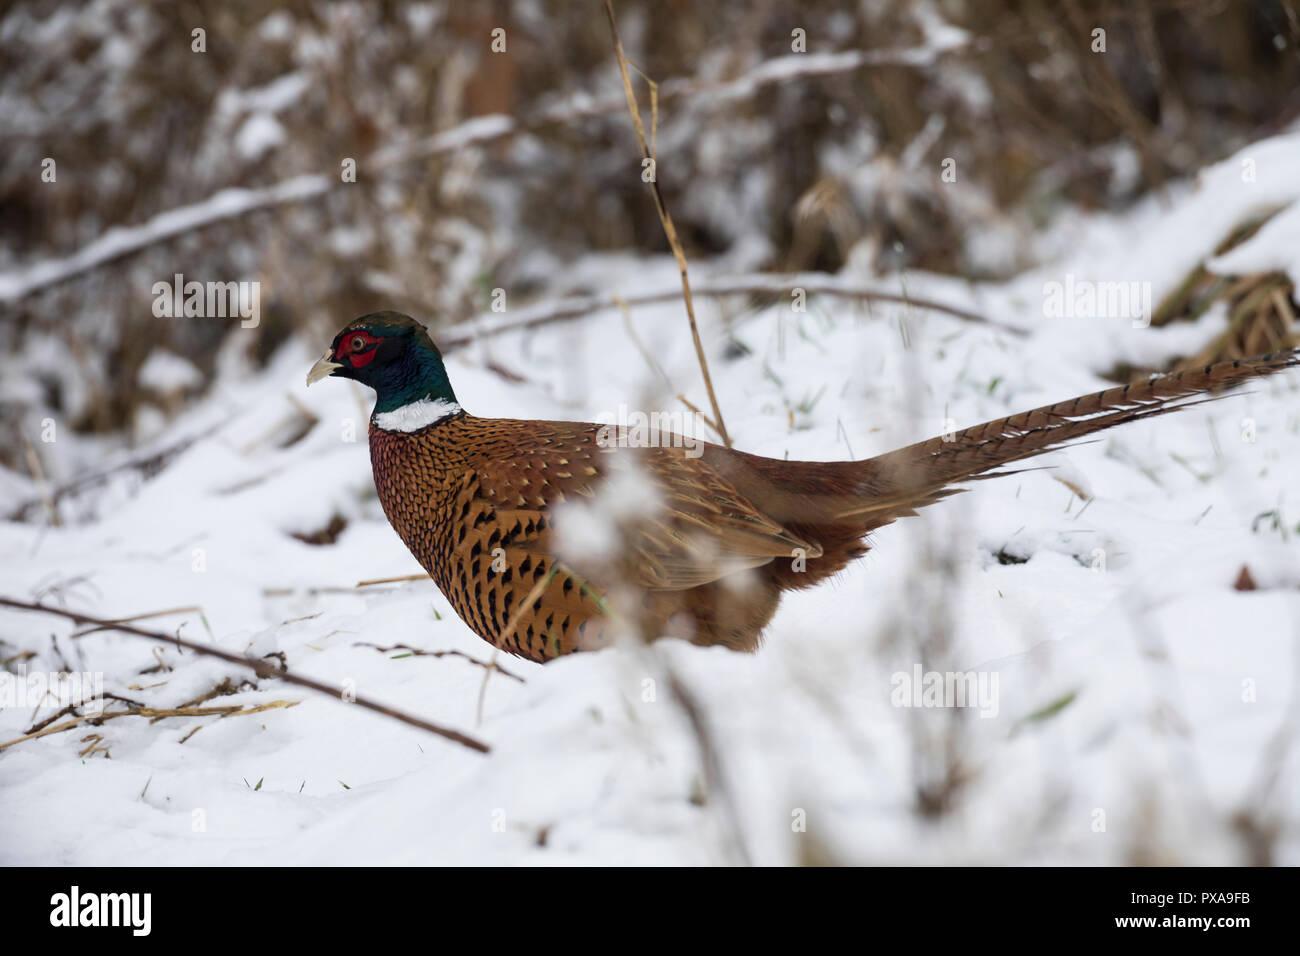 Fasan, Jagdfasan, Jagd-Fasan, Männchen im Schnee, Hahn, Phasianus colchicus, common pheasant, pheasant, male, ring-necked pheasant, Le Faisan de Colch - Stock Image